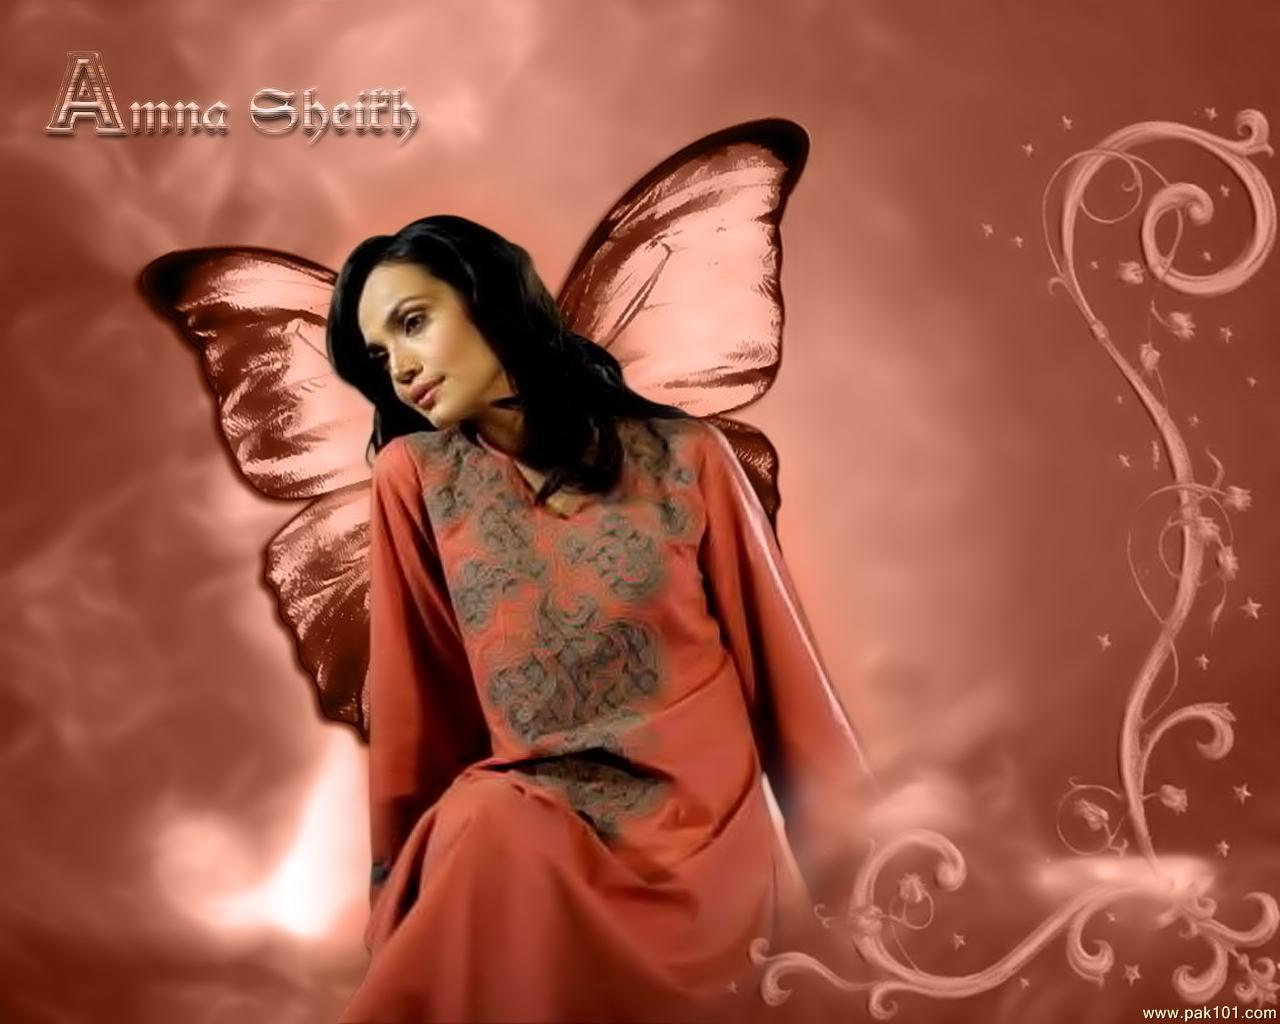 http://2.bp.blogspot.com/-rYT9wSIl0eY/UYZjYZ-GG3I/AAAAAAAAuoI/kXBZuZnzZ9s/s1600/Amina+Sheikh+Wallpaper+(6).jpg